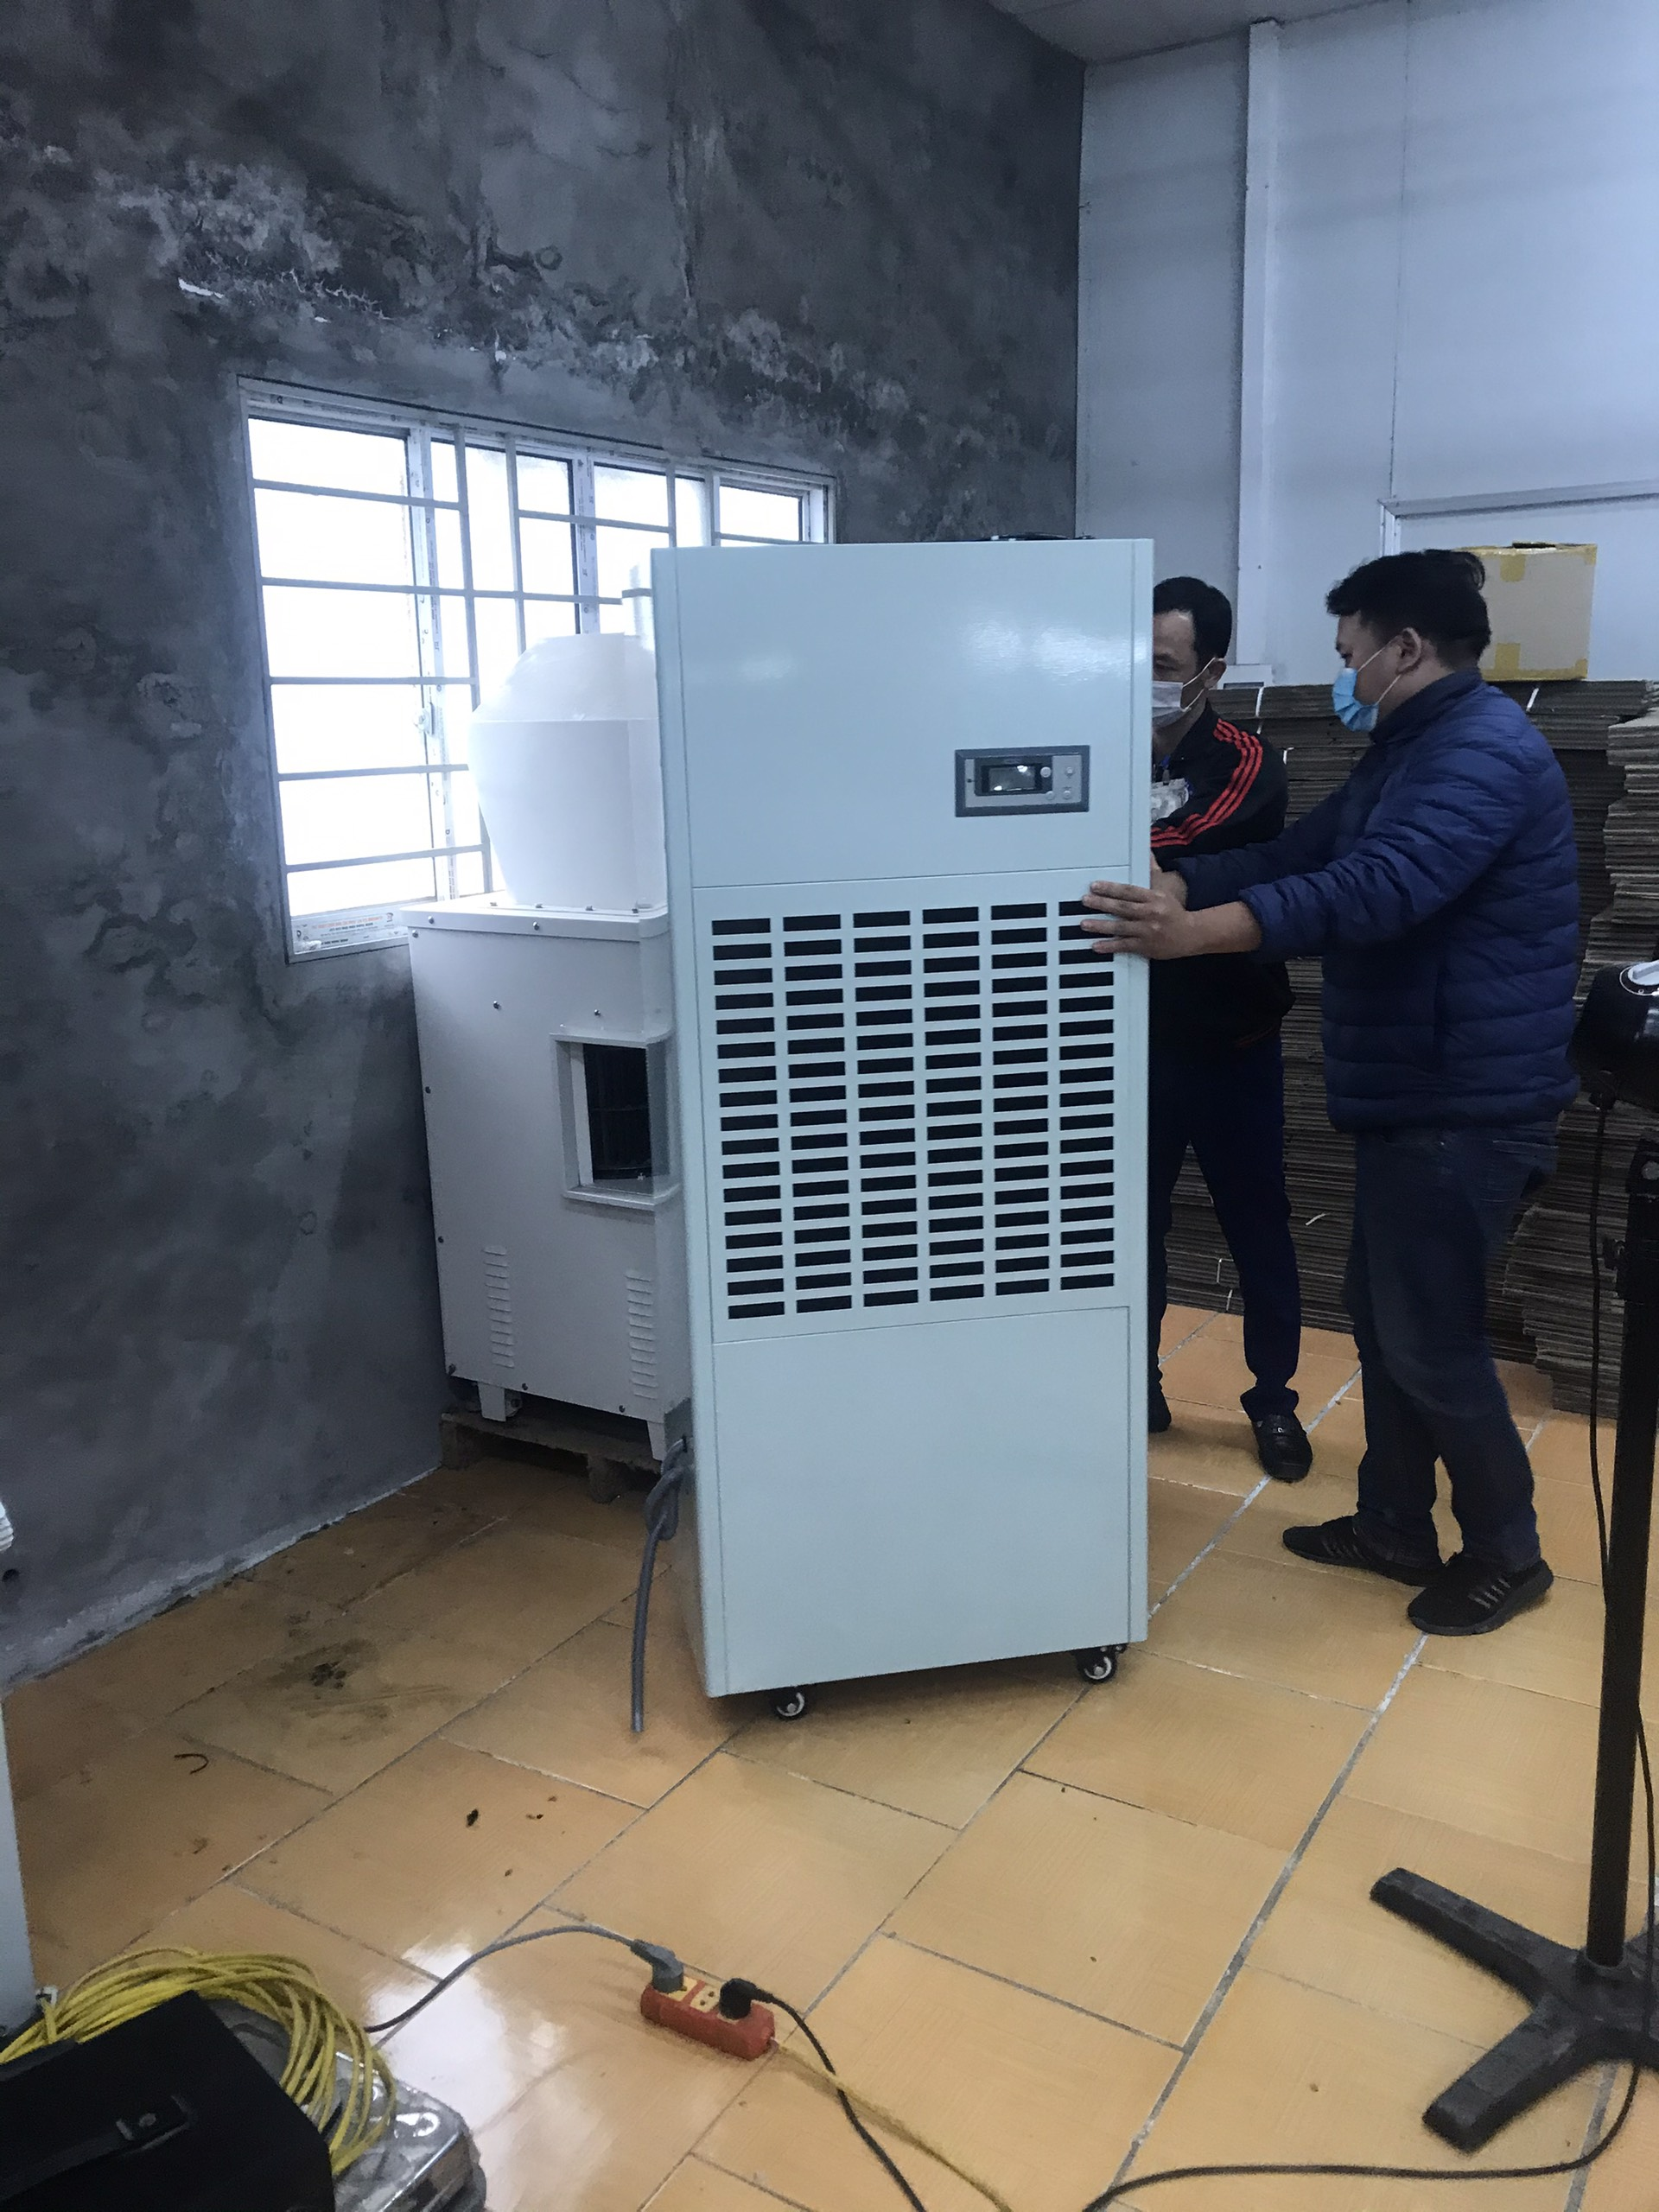 Bán máy hút ẩm công nghiệp Dorosin chính hãng ở đâu rẻ nhất